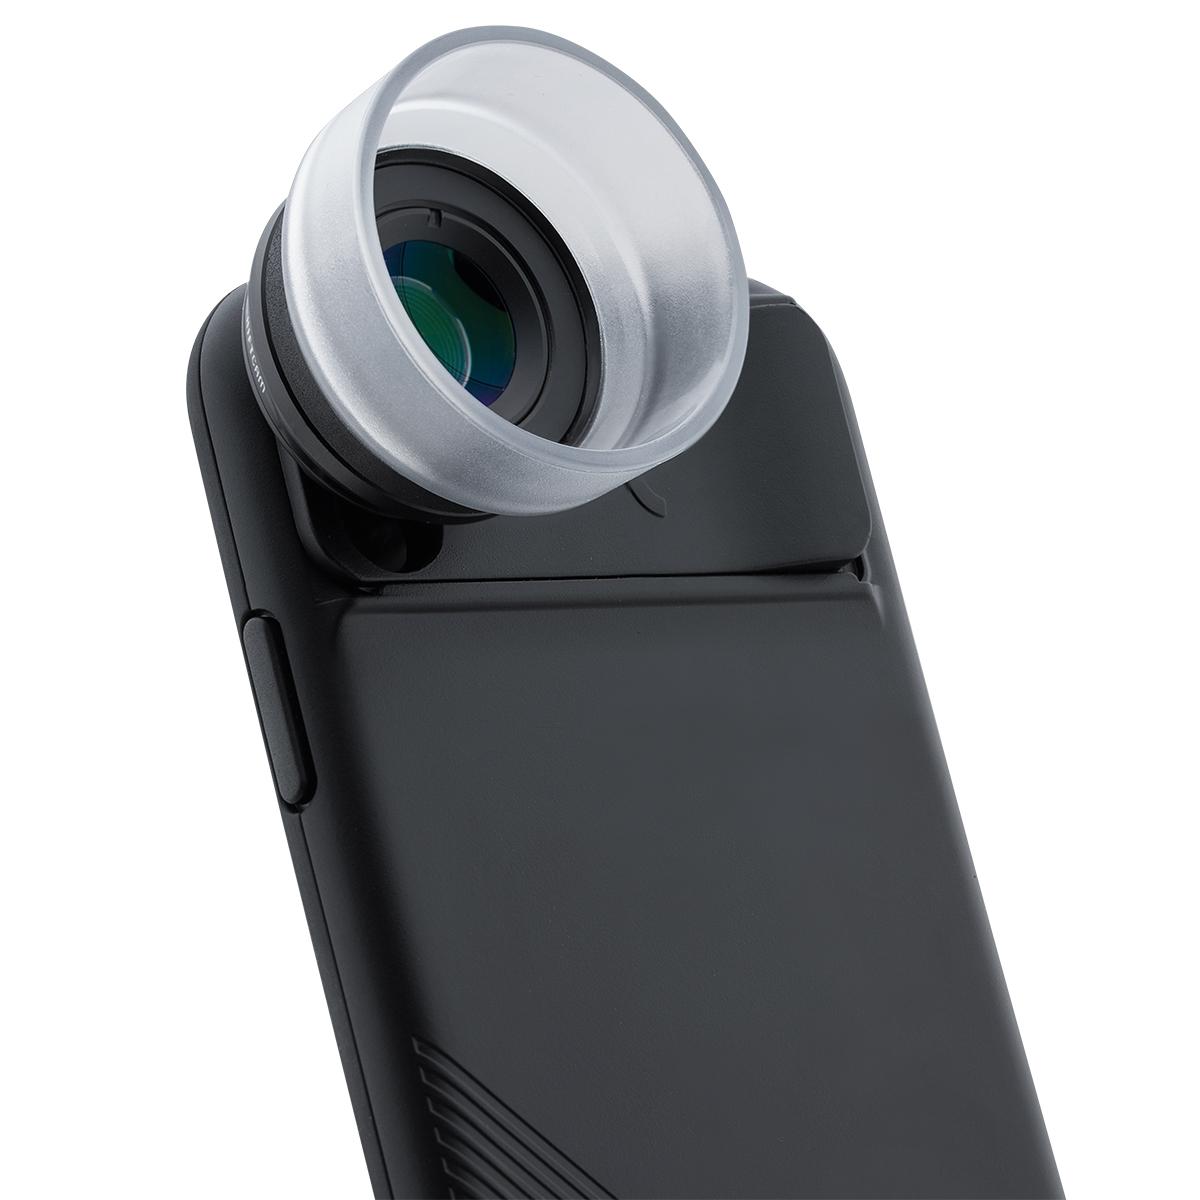 強い光を遮るレンズフードが付いているから性能をフルに発揮できる。6種類のレンズを装備したiPhoneケース(プロ・マクロレンズ) | ShiftCam 2.0